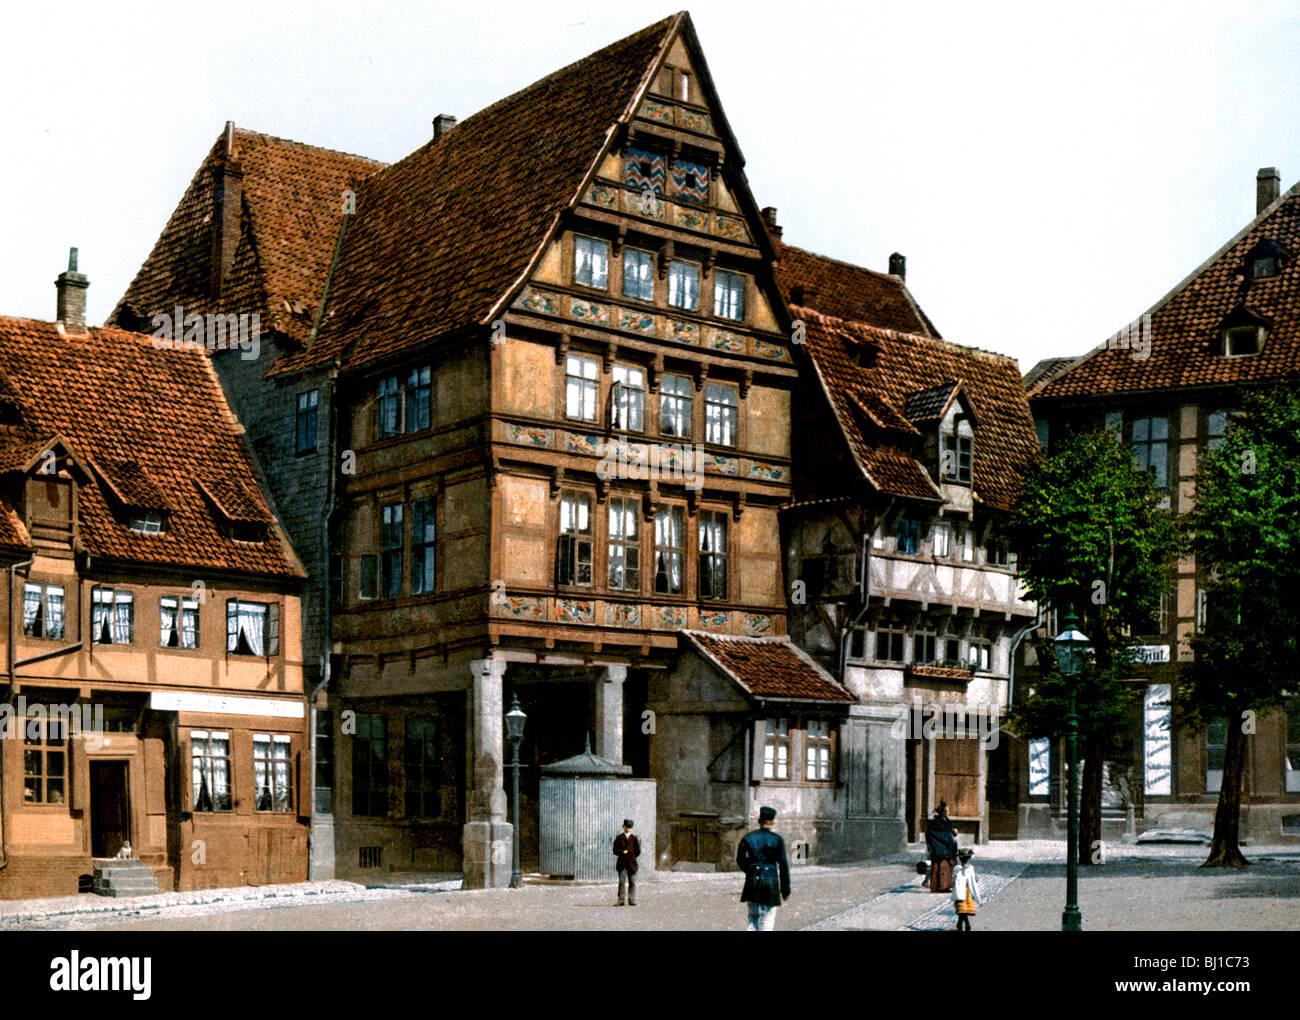 Pfleiderhaus Hildesheim - Stock Image